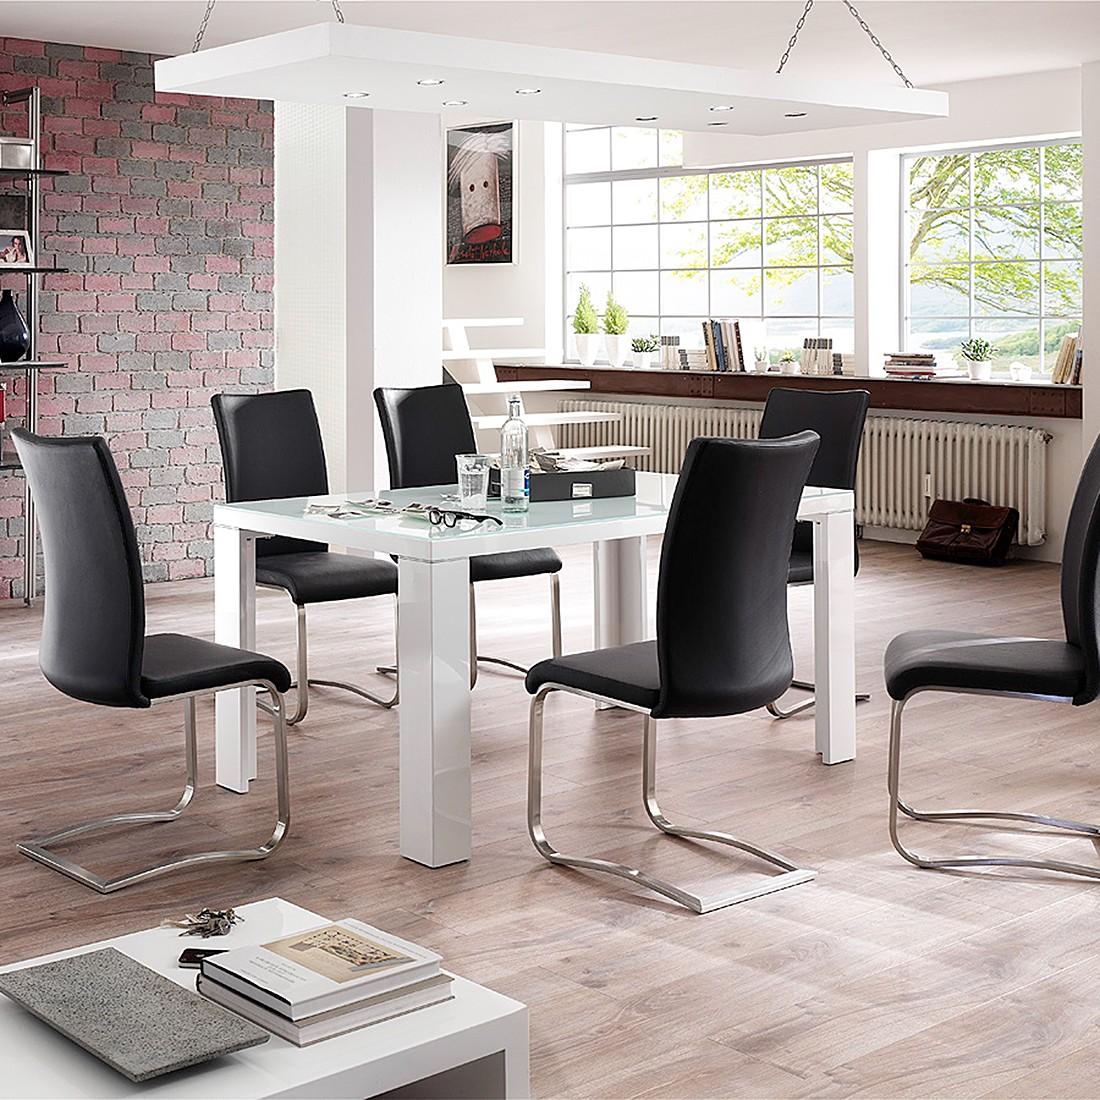 home24 Essgruppe Toivo (7-teilig) | Küche und Esszimmer > Essgruppen | Schwarz | loftscape